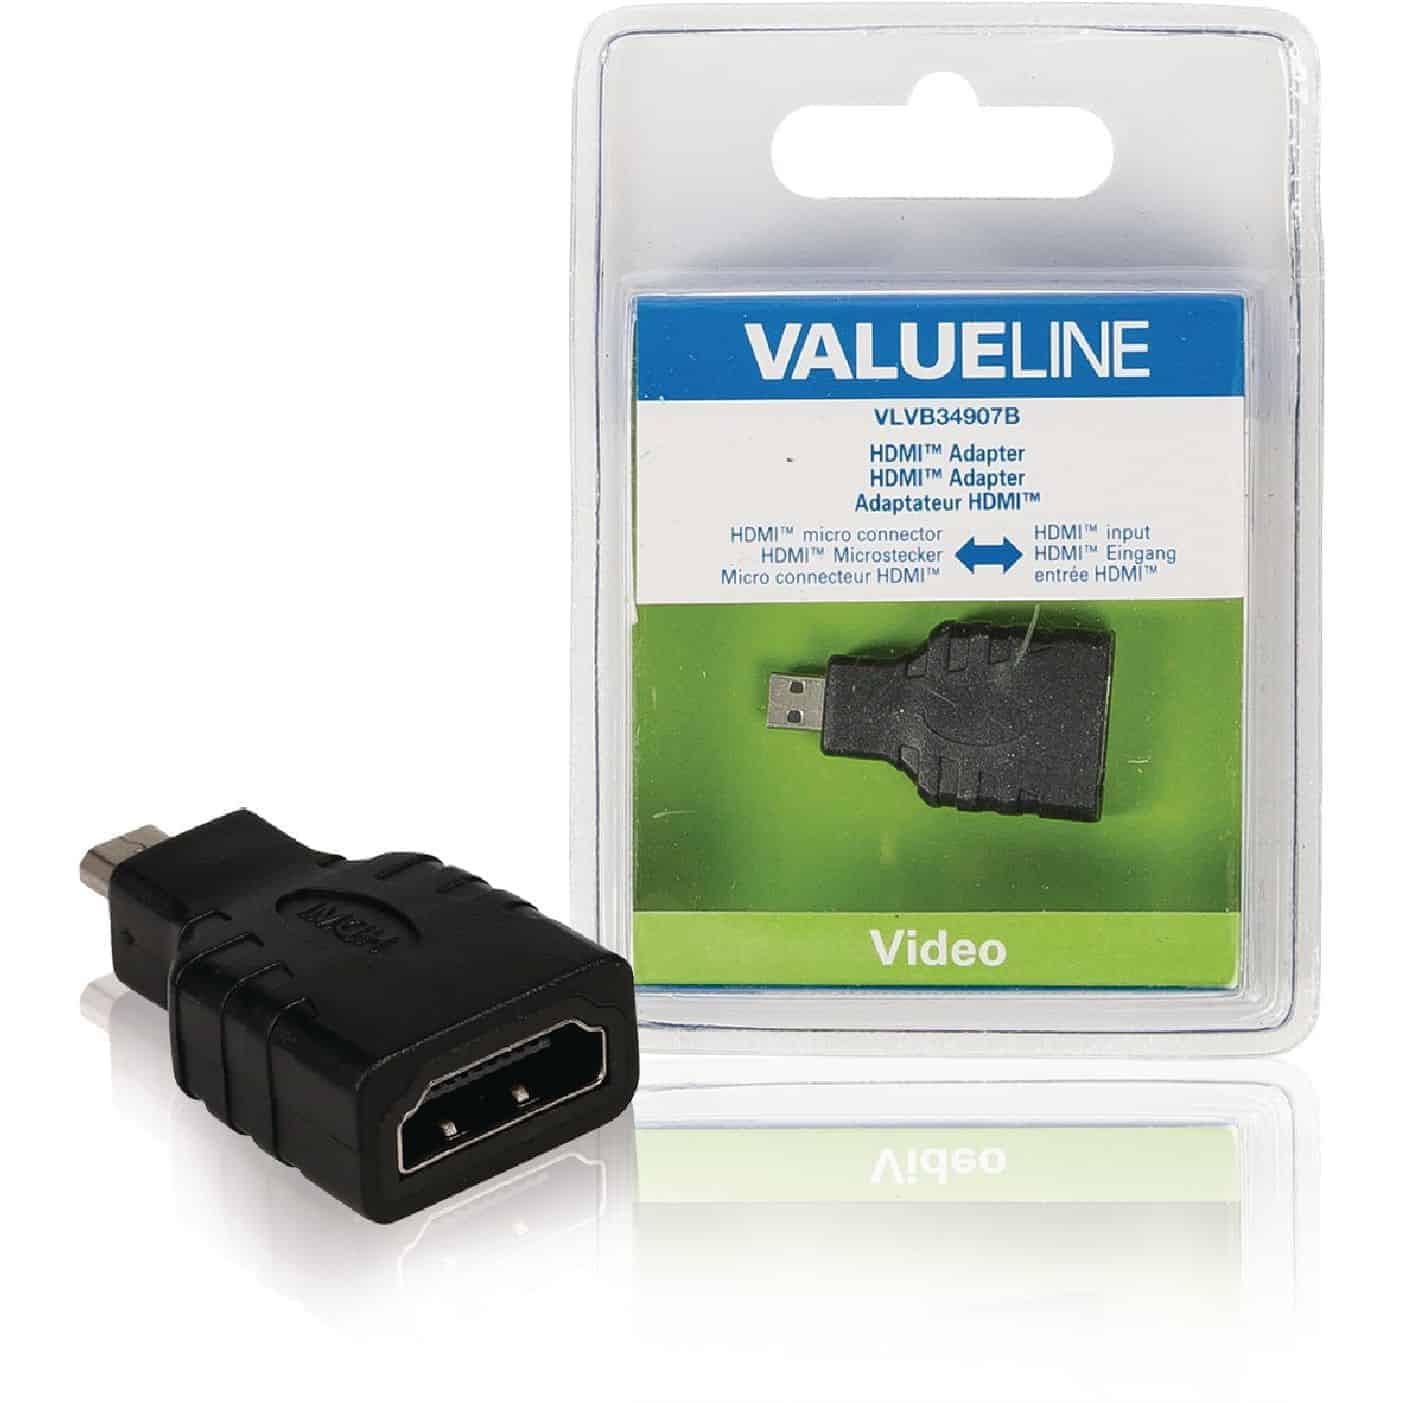 HDMI ADAPTERI HDMI MICRO UROS - HDMI A NAARAS